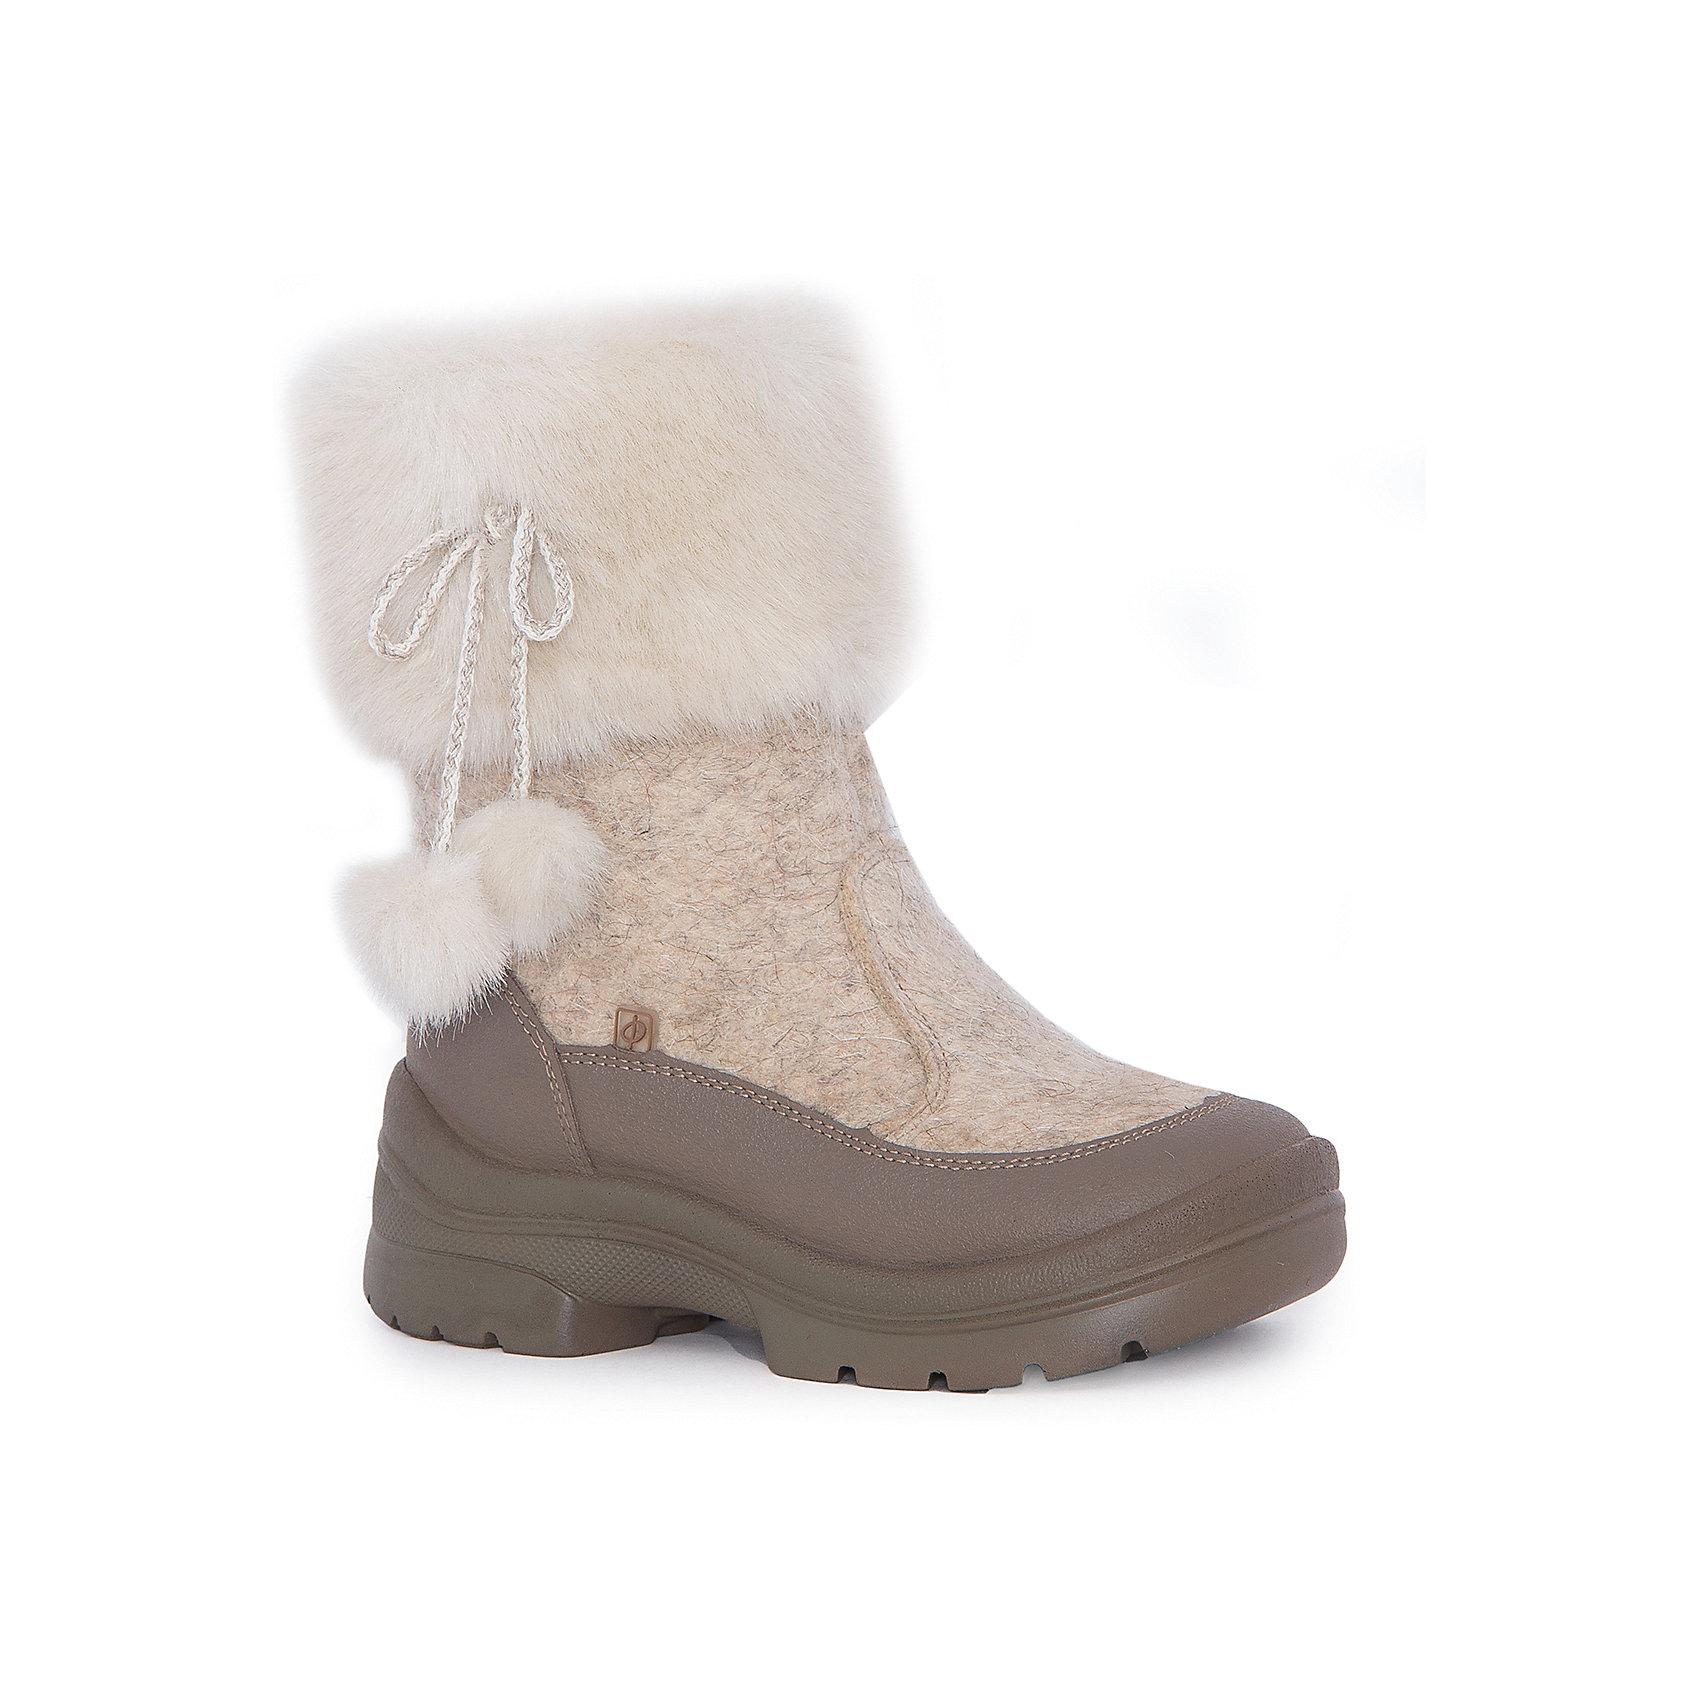 Валенки Лиза для девочки ФилипокВаленки<br>Характеристики товара:<br><br>• цвет: бежевый<br>• температурный режим: от -5° С до -30° С<br>• внешний материал: эко-войлок (натуральная шерсть)<br>• подкладка: натуральная овечья шерсть<br>• стелька: шерстяной войлок (3,5 мм)<br>• подошва: литая, полиуретан<br>• декорированы искусственным мехом<br>• подошва с анти скользящей с системой протектора anti slip<br>• застежка: молния<br>• защита носка - натуральная кожа с износостойкой пропиткой<br>• усиленная пятка<br>• толстая устойчивая подошва<br>• страна бренда: РФ<br>• страна изготовитель: РФ<br><br>Очень теплые и удобные валенки для ребенка от известного бренда детской обуви Филипок созданы специально для русской зимы. Качественные материалы с пропиткой против попадания воды внутрь и модный дизайн понравятся и малышам и их родителям. Подошва и стелька обеспечат ребенку комфорт, сухость и тепло, позволяя в полной мере наслаждаться зимним отдыхом. Усиленная защита пятки и носка обеспечивает дополнительную безопасность детских ног в этих сапожках.<br>Эта красивая и удобная обувь прослужит долго благодаря отличному качеству. Производитель анти скользящее покрытие и амортизирующие свойства подошвы! Модель производится из качественных и проверенных материалов, которые безопасны для детей.<br><br>Валенки для девочки от бренда Филипок можно купить в нашем интернет-магазине.<br><br>Ширина мм: 257<br>Глубина мм: 180<br>Высота мм: 130<br>Вес г: 420<br>Цвет: бежевый<br>Возраст от месяцев: 60<br>Возраст до месяцев: 72<br>Пол: Женский<br>Возраст: Детский<br>Размер: 29,28,32,30,27,25,24,31,26<br>SKU: 4207288